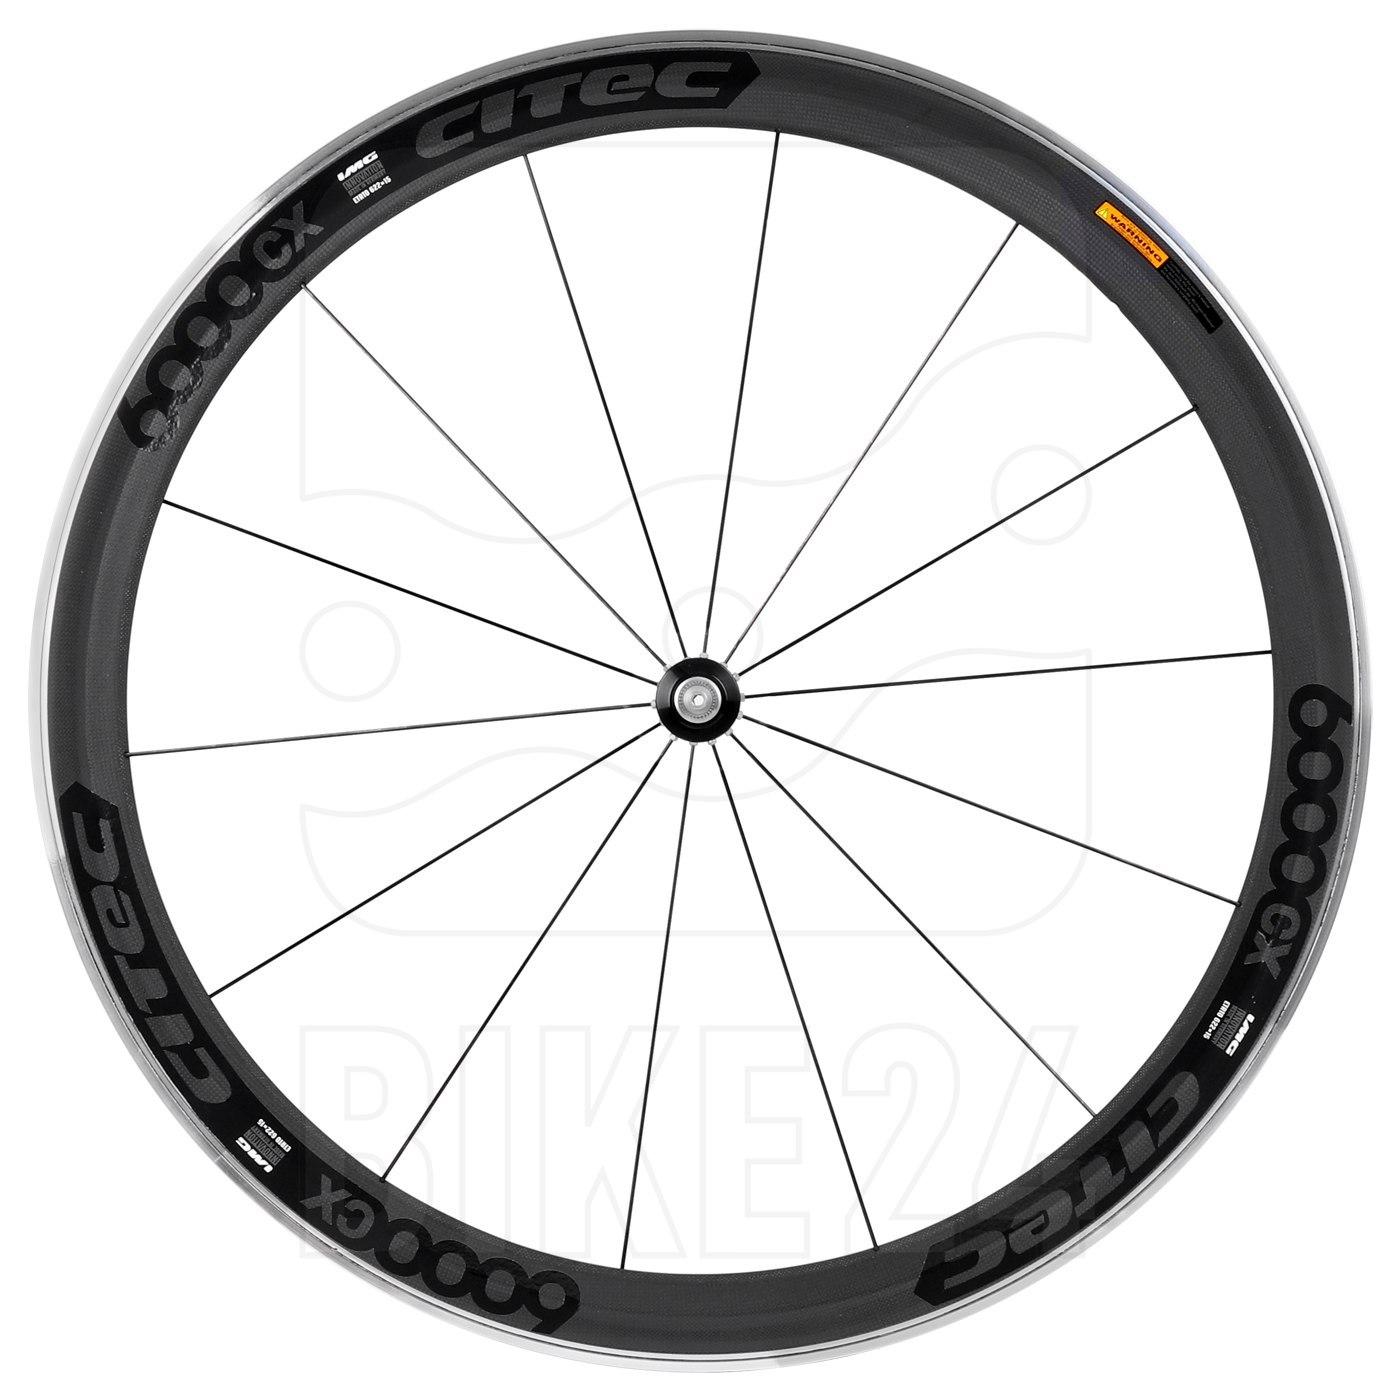 CITEC 6000 CX Carbon 28 Inch Front Wheel - Clincher - black